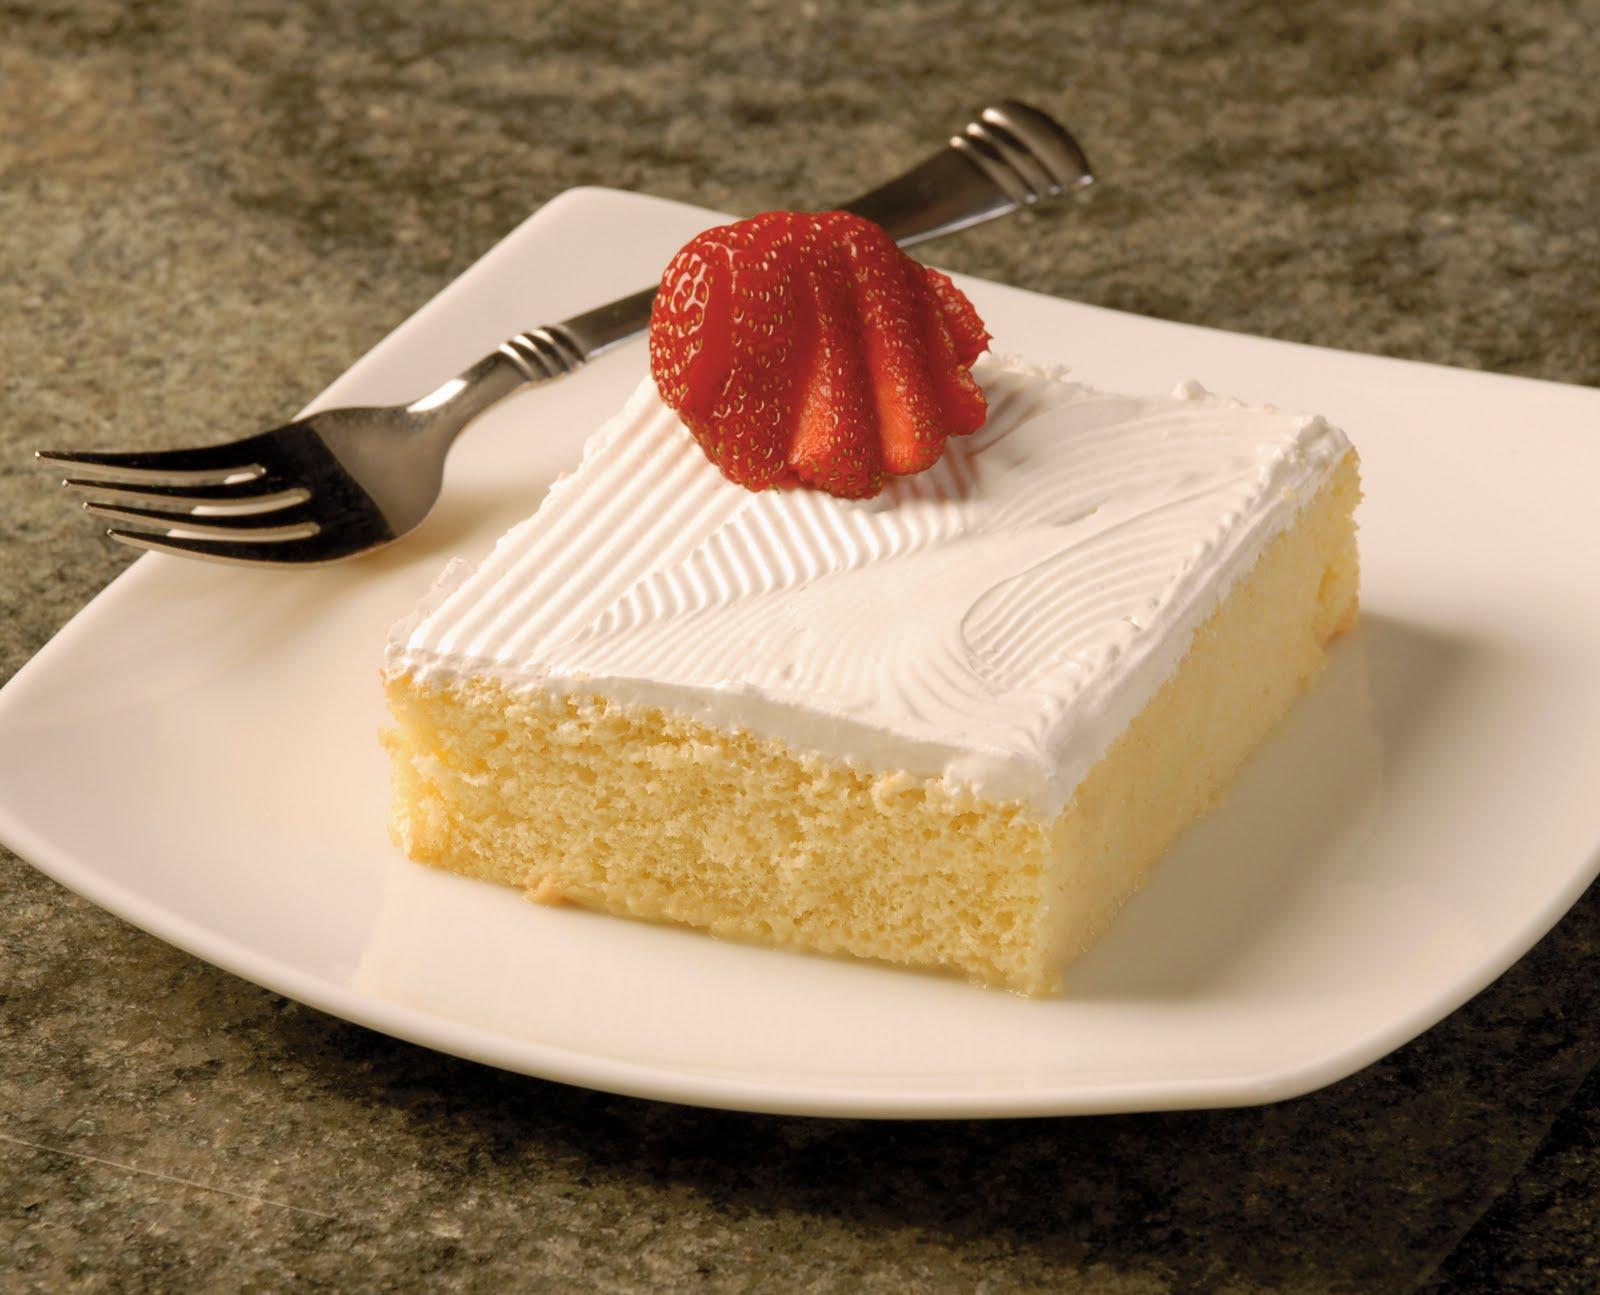 Recuerdos De La Familia Desserts From Spanish Speaking